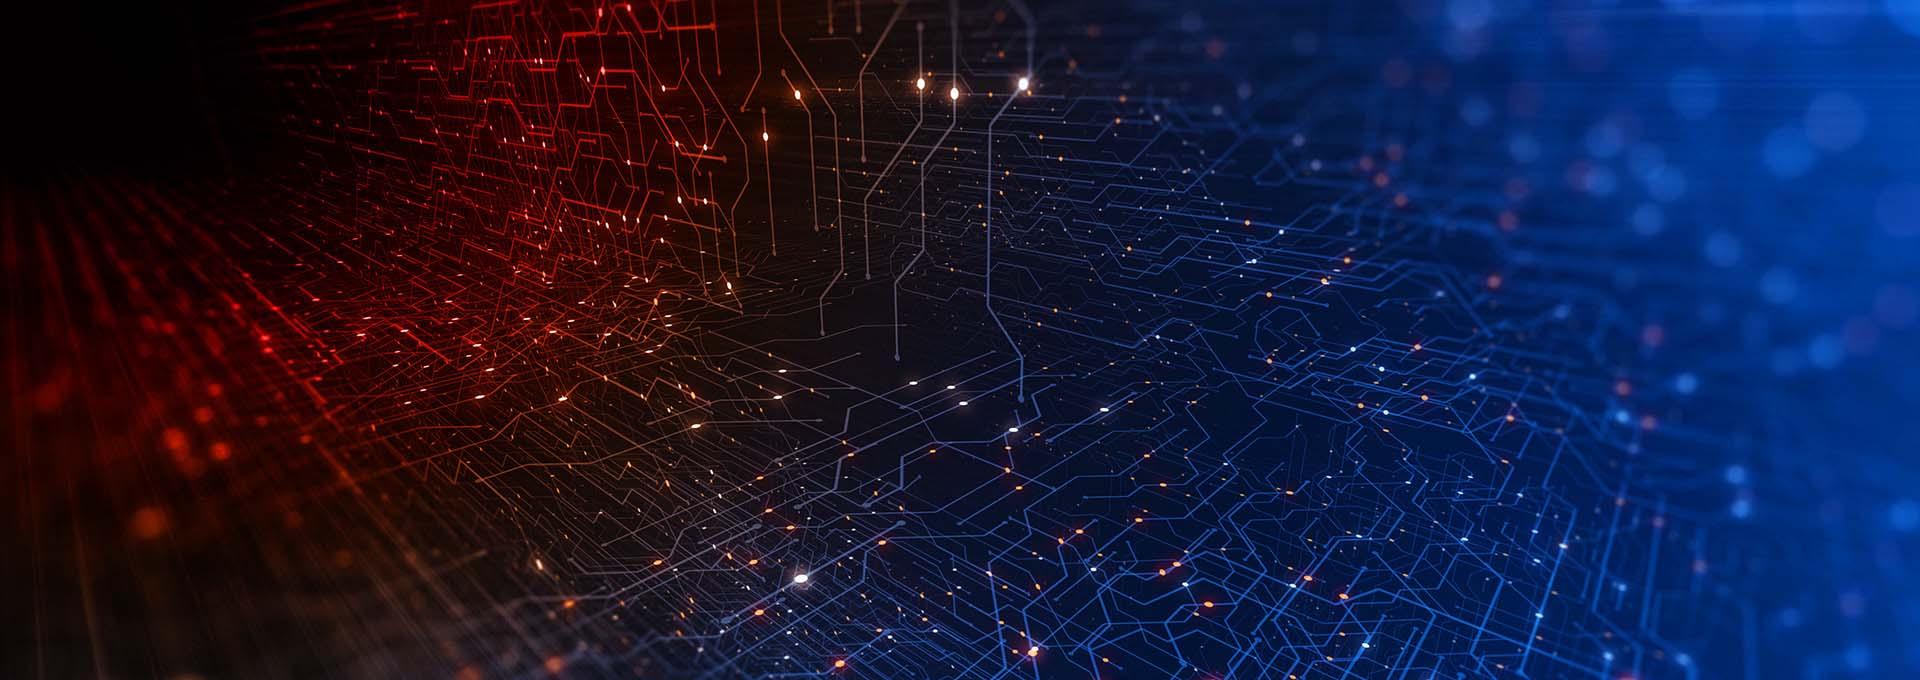 Una red de puntos conectados iluminados en rojo y azul que simbolizan el mundo digital de nuestro software de adaptación Oasisnxt.